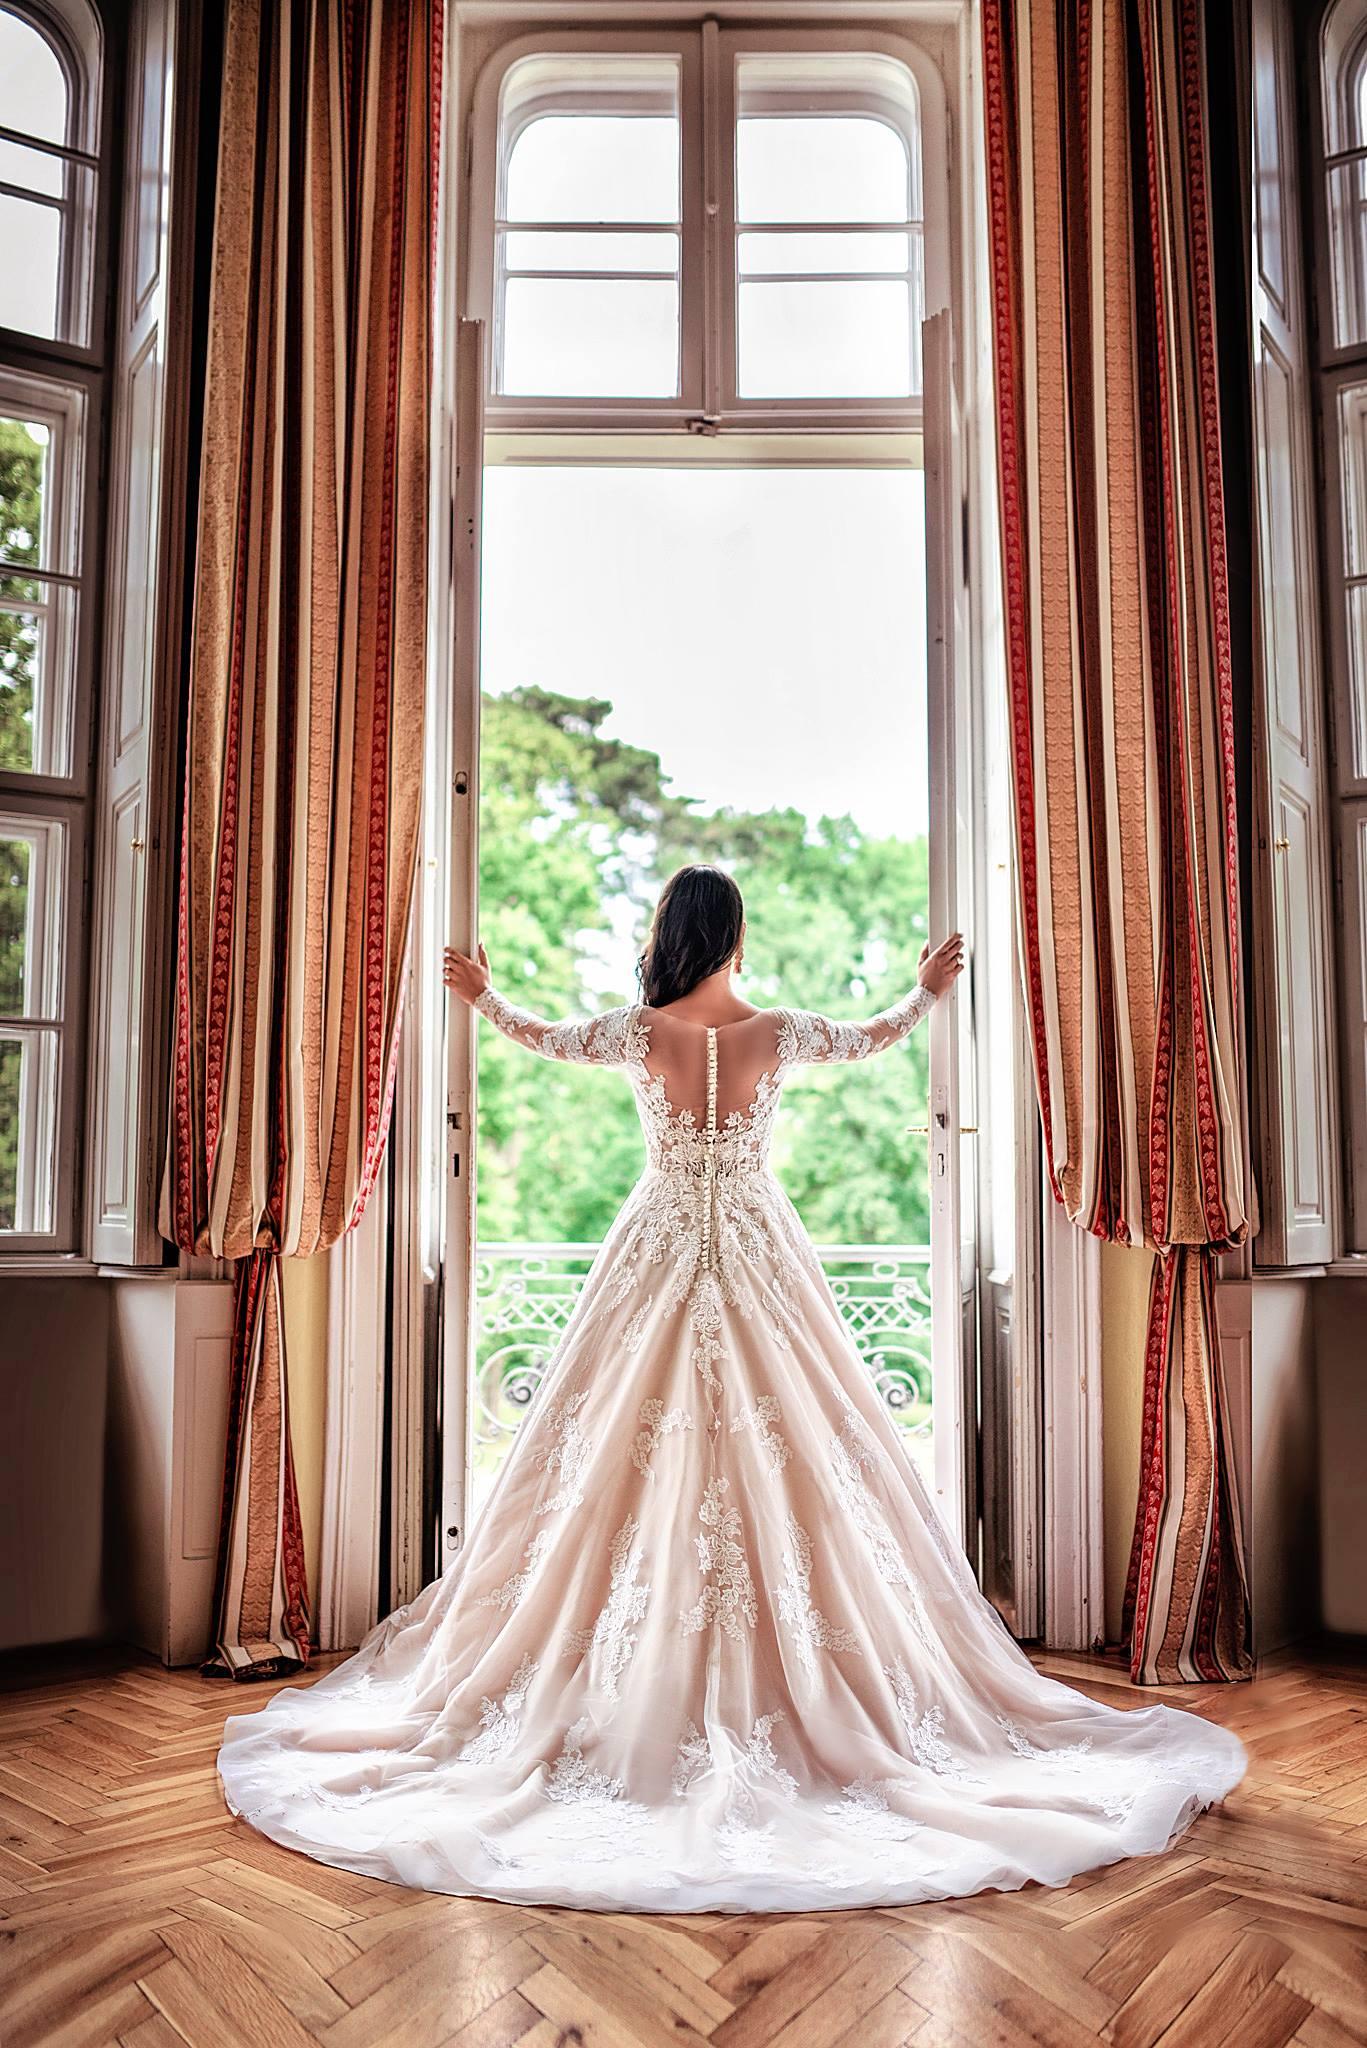 Svadobné foto v podaní Kyria Photography.